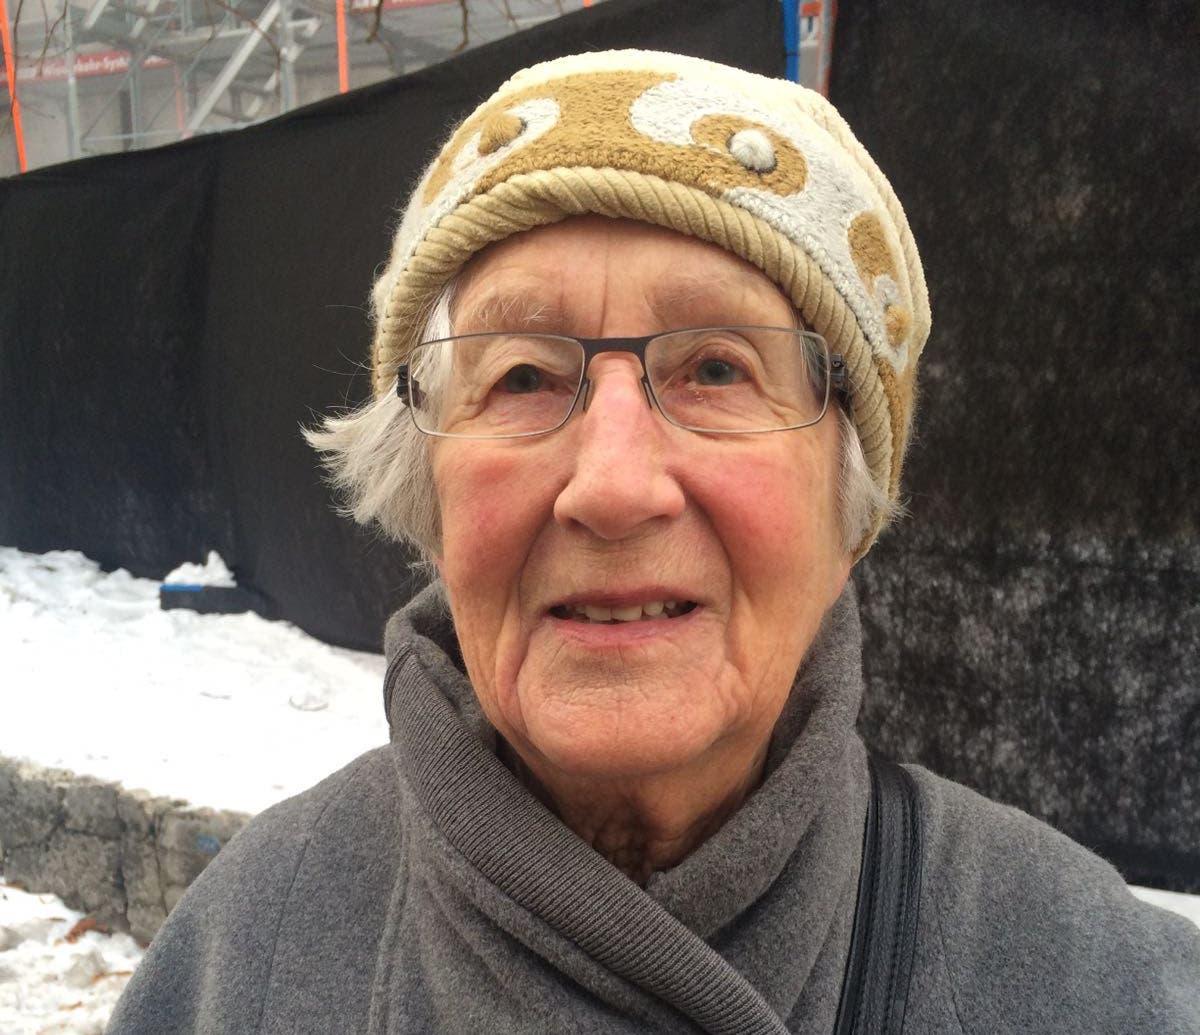 Ida Frank, 89, Olten: «Nein, mich stört die Kälte nicht, da ich mich auch immer warm genug kleide. Das Glatteis ist natürlich etwas kritisch, allerdings bin ich meist nachmittags draussen, da ist man schon ein bisschen sicherer unterwegs als am frühen Morgen. Ausserdem glaube ich, dass es der Natur gut tut.»